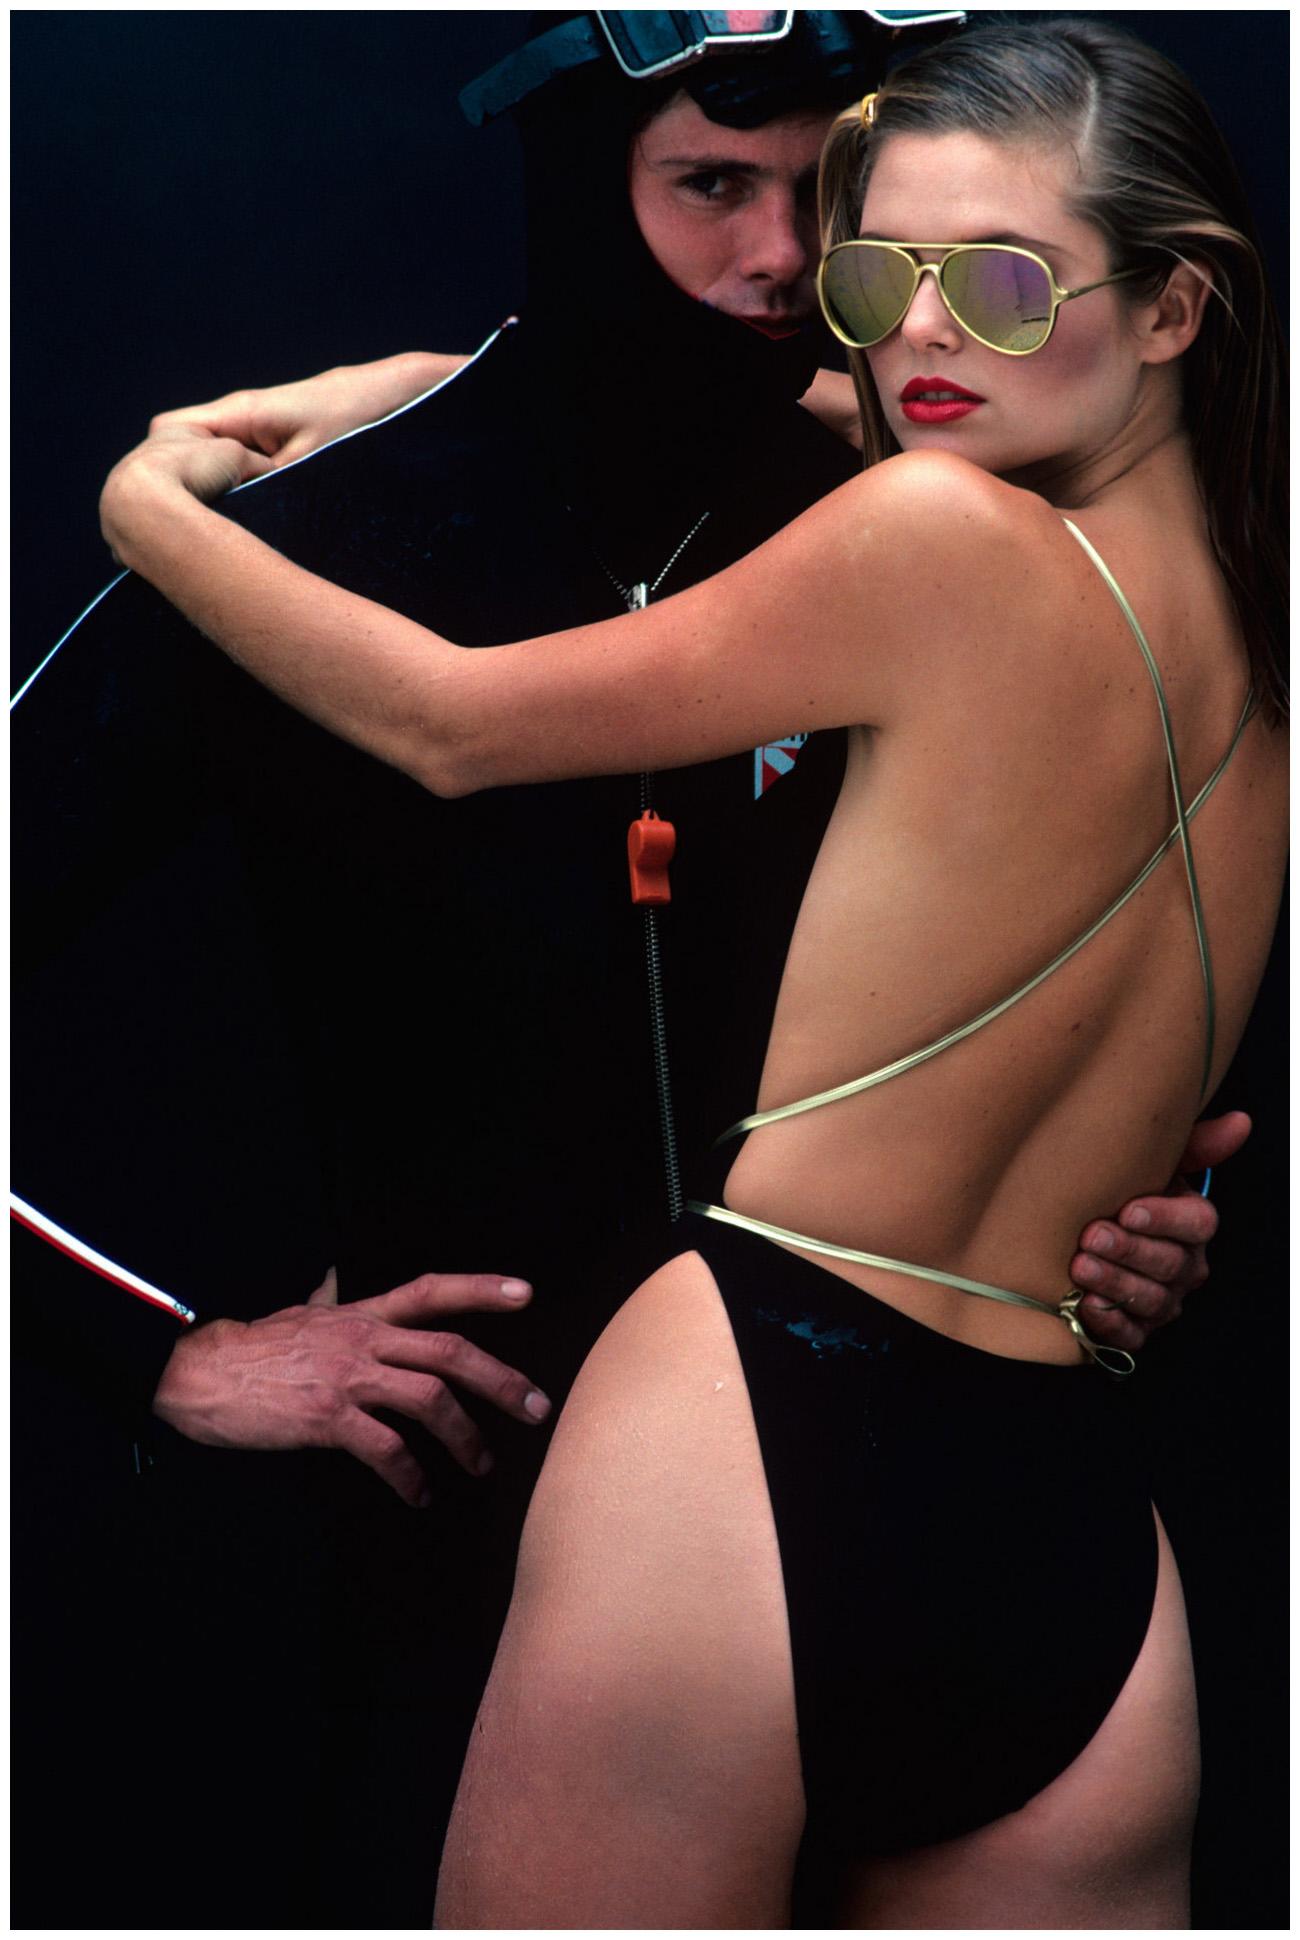 Blair Brown,Charles Dance (born 1946) Sex picture Carmencita Abad (b. 1933),George Rainsford (born 1982)